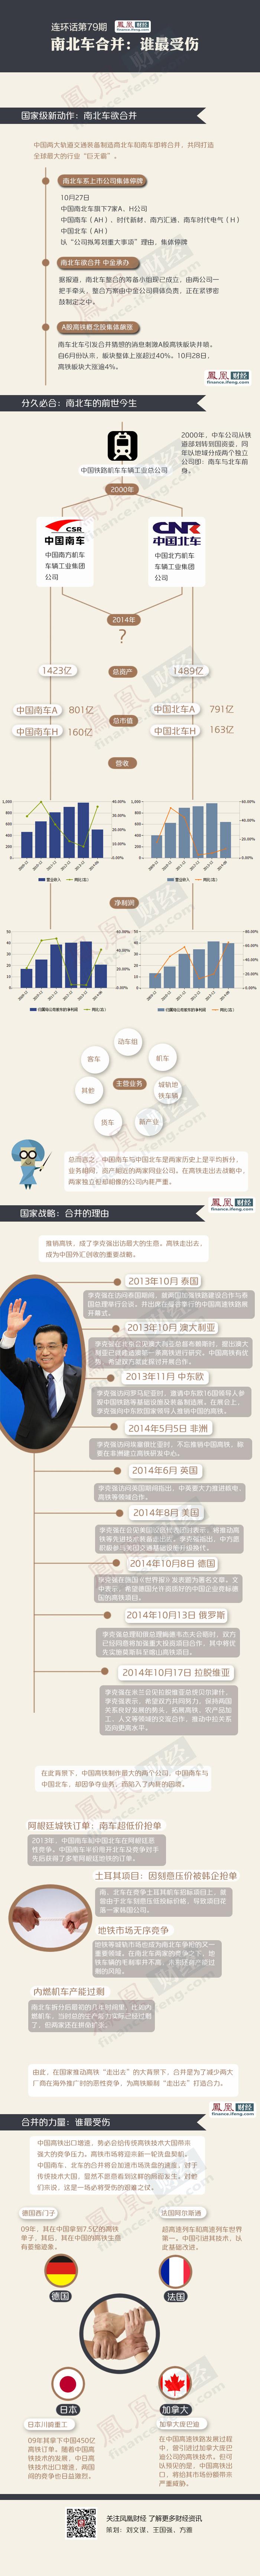 中国南北车合并系国家级动作 四国最受伤(名单) - 和蔼一郎 - 和蔼一郎